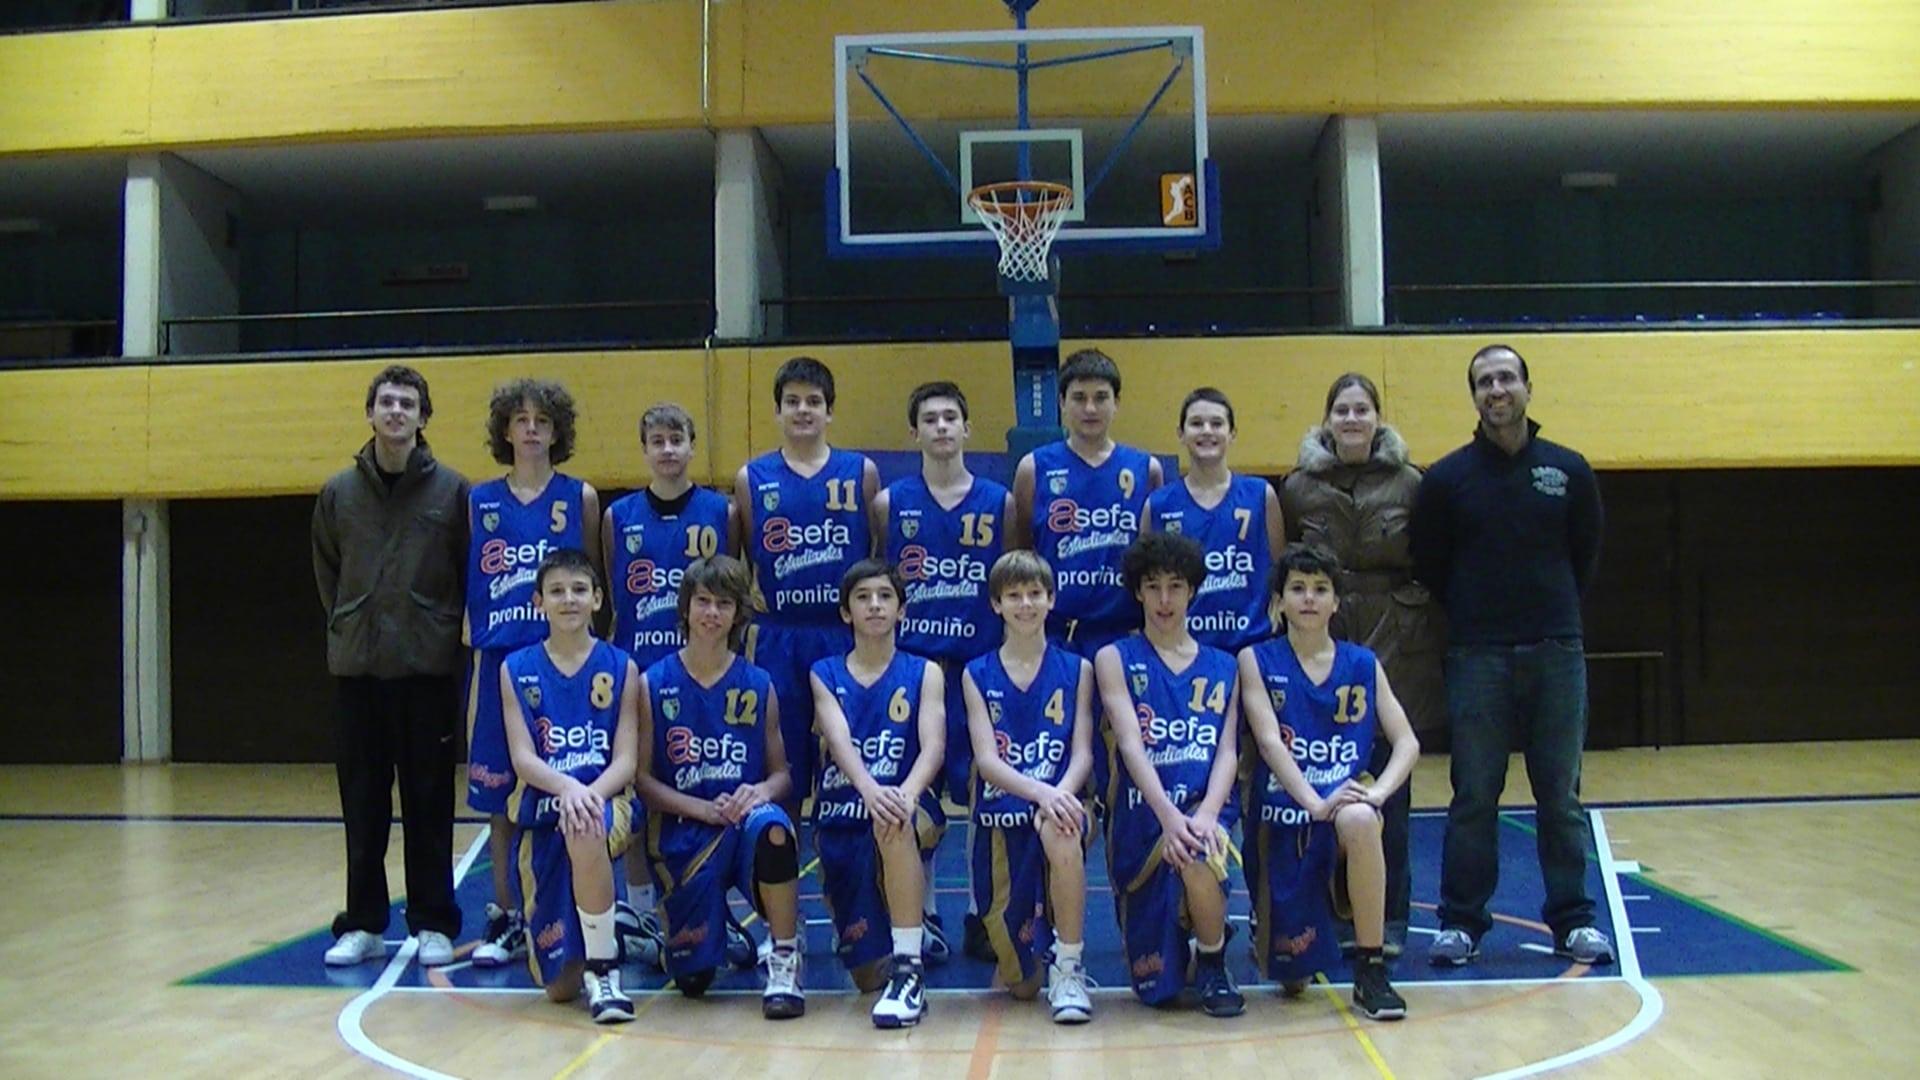 ASEFA ESTUDIANTES. Infantil B (2010-11)